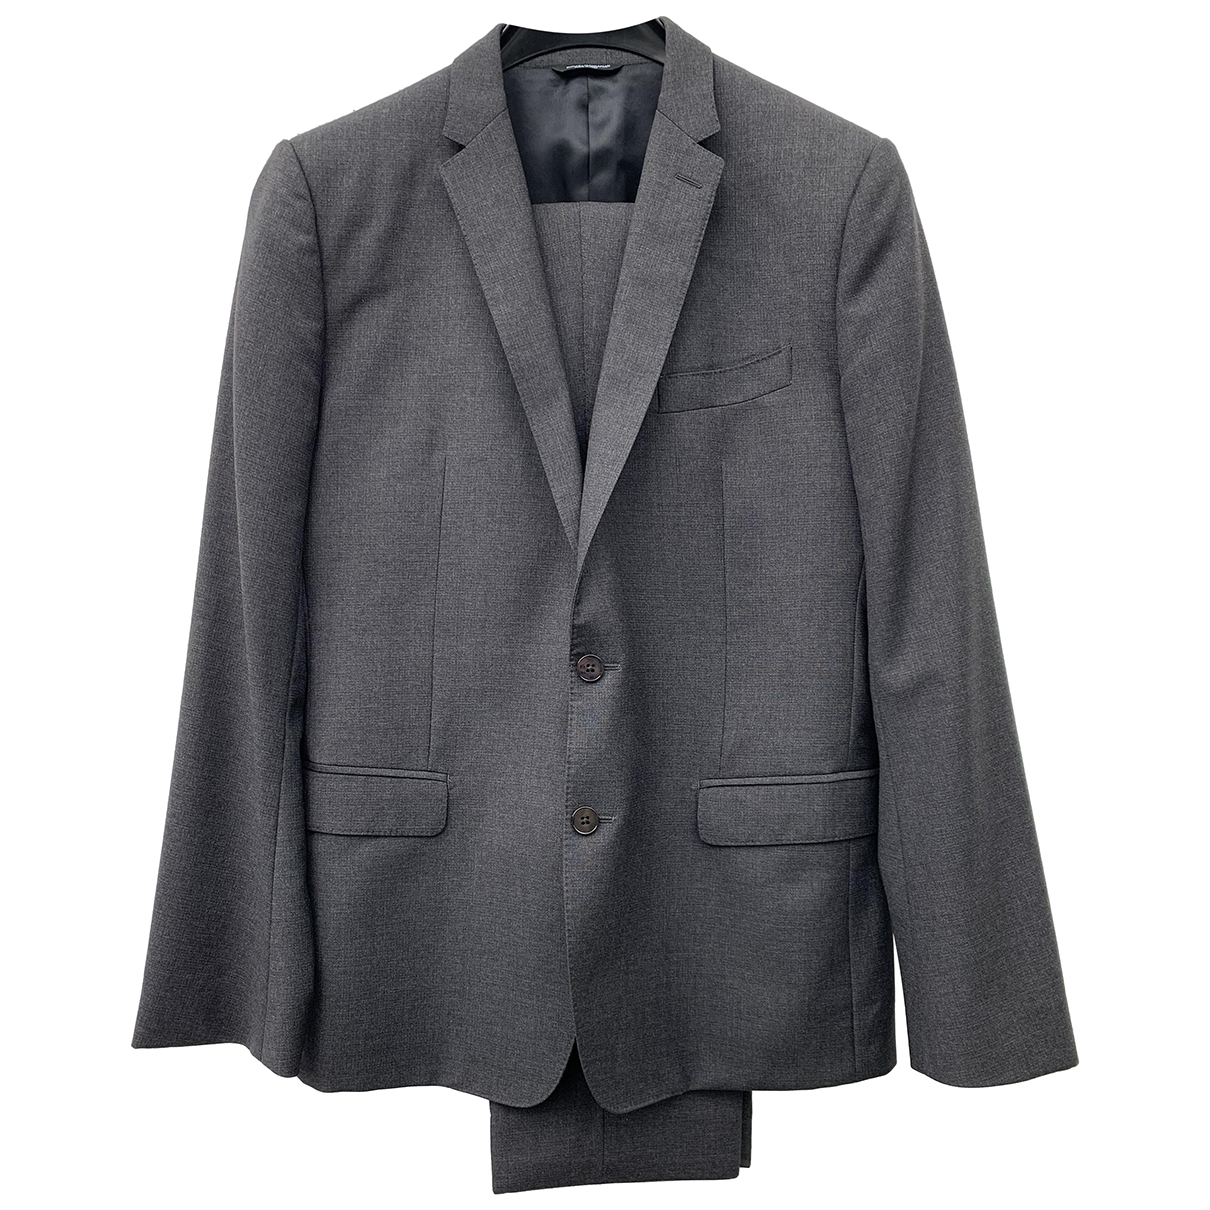 Dolce & Gabbana - Costumes   pour homme en laine - anthracite